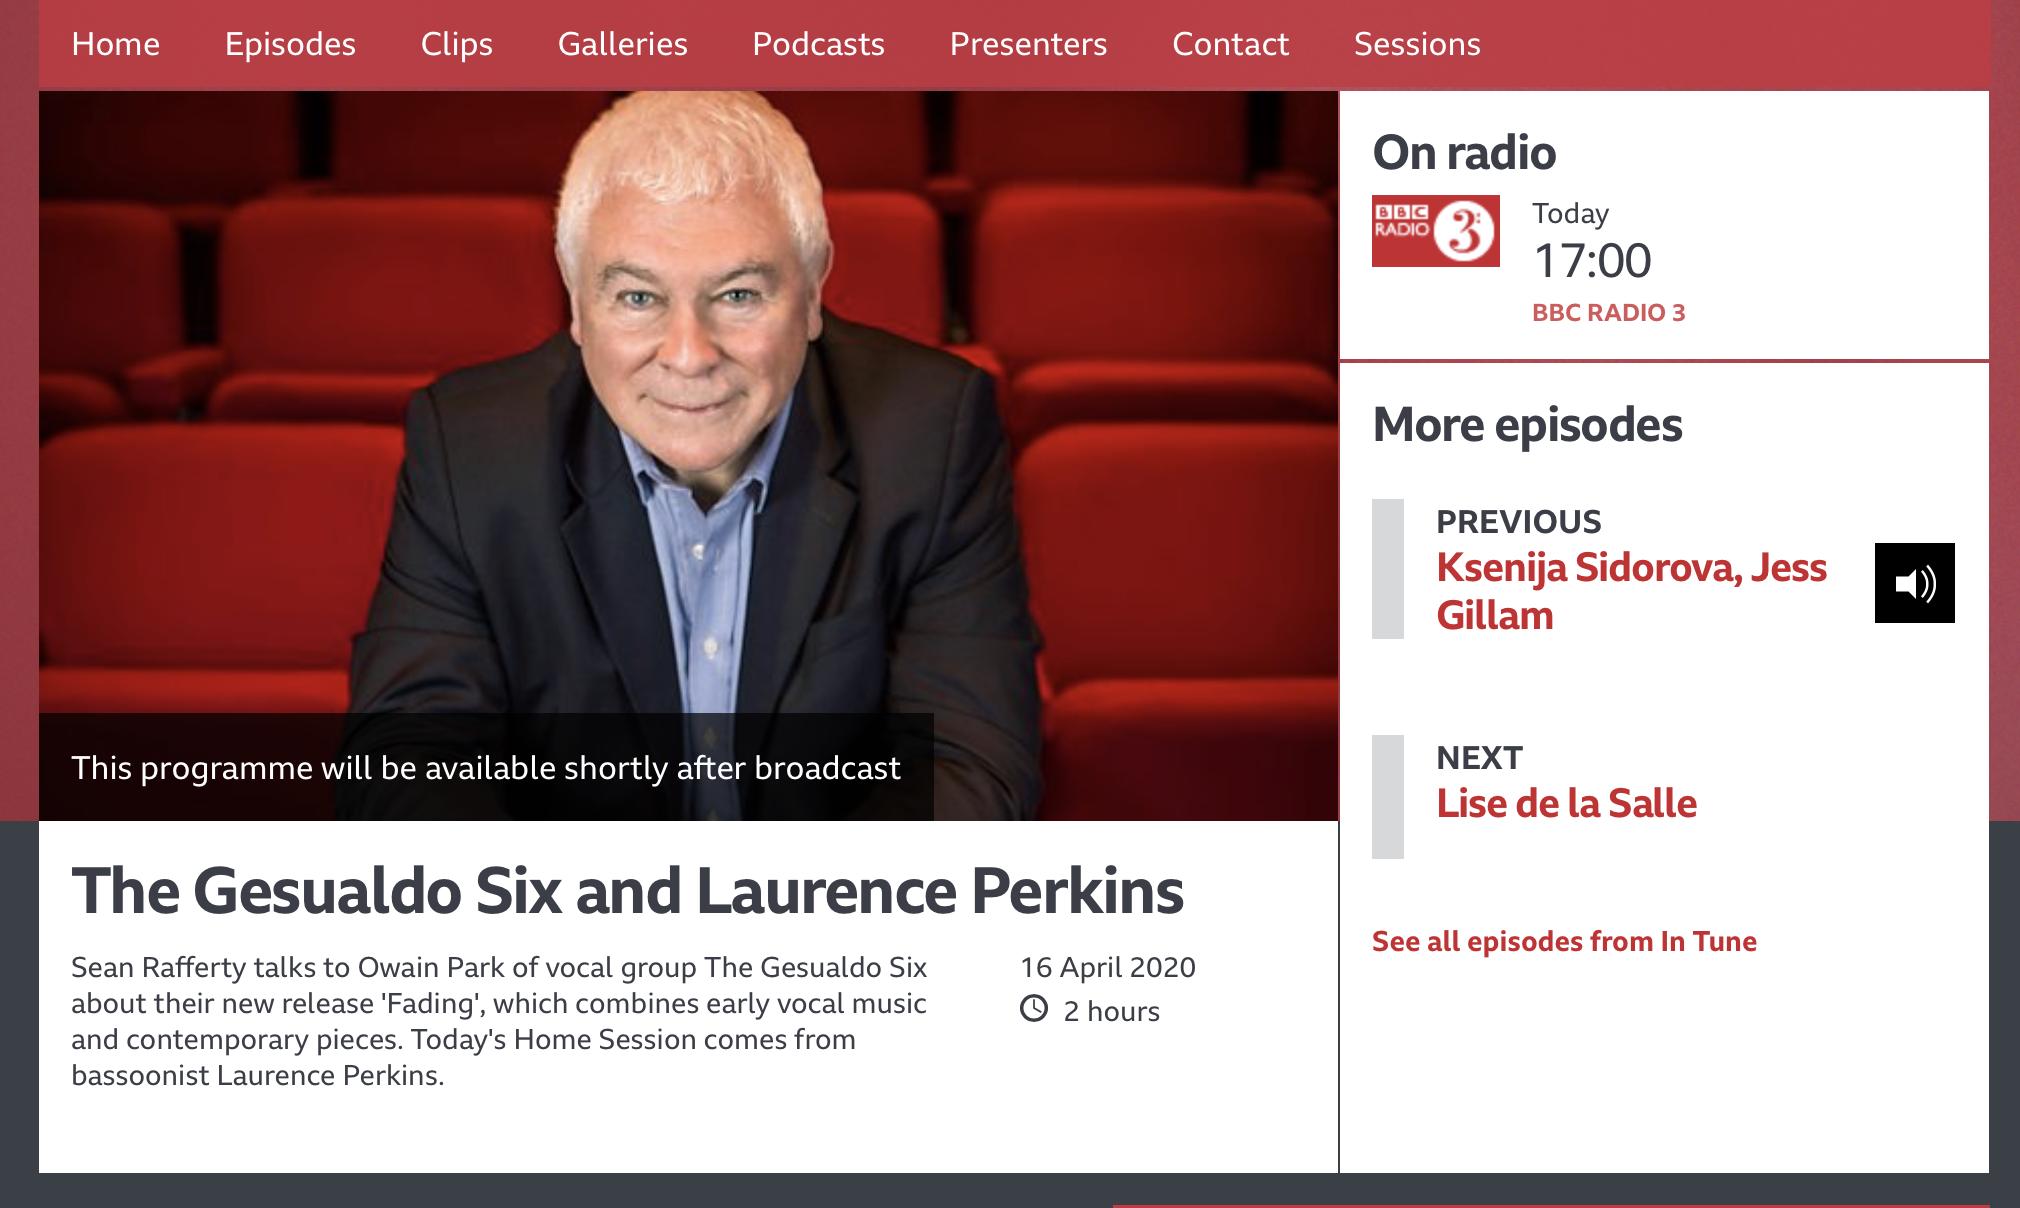 BBC R3 Sean Rafferty 16.4.2020